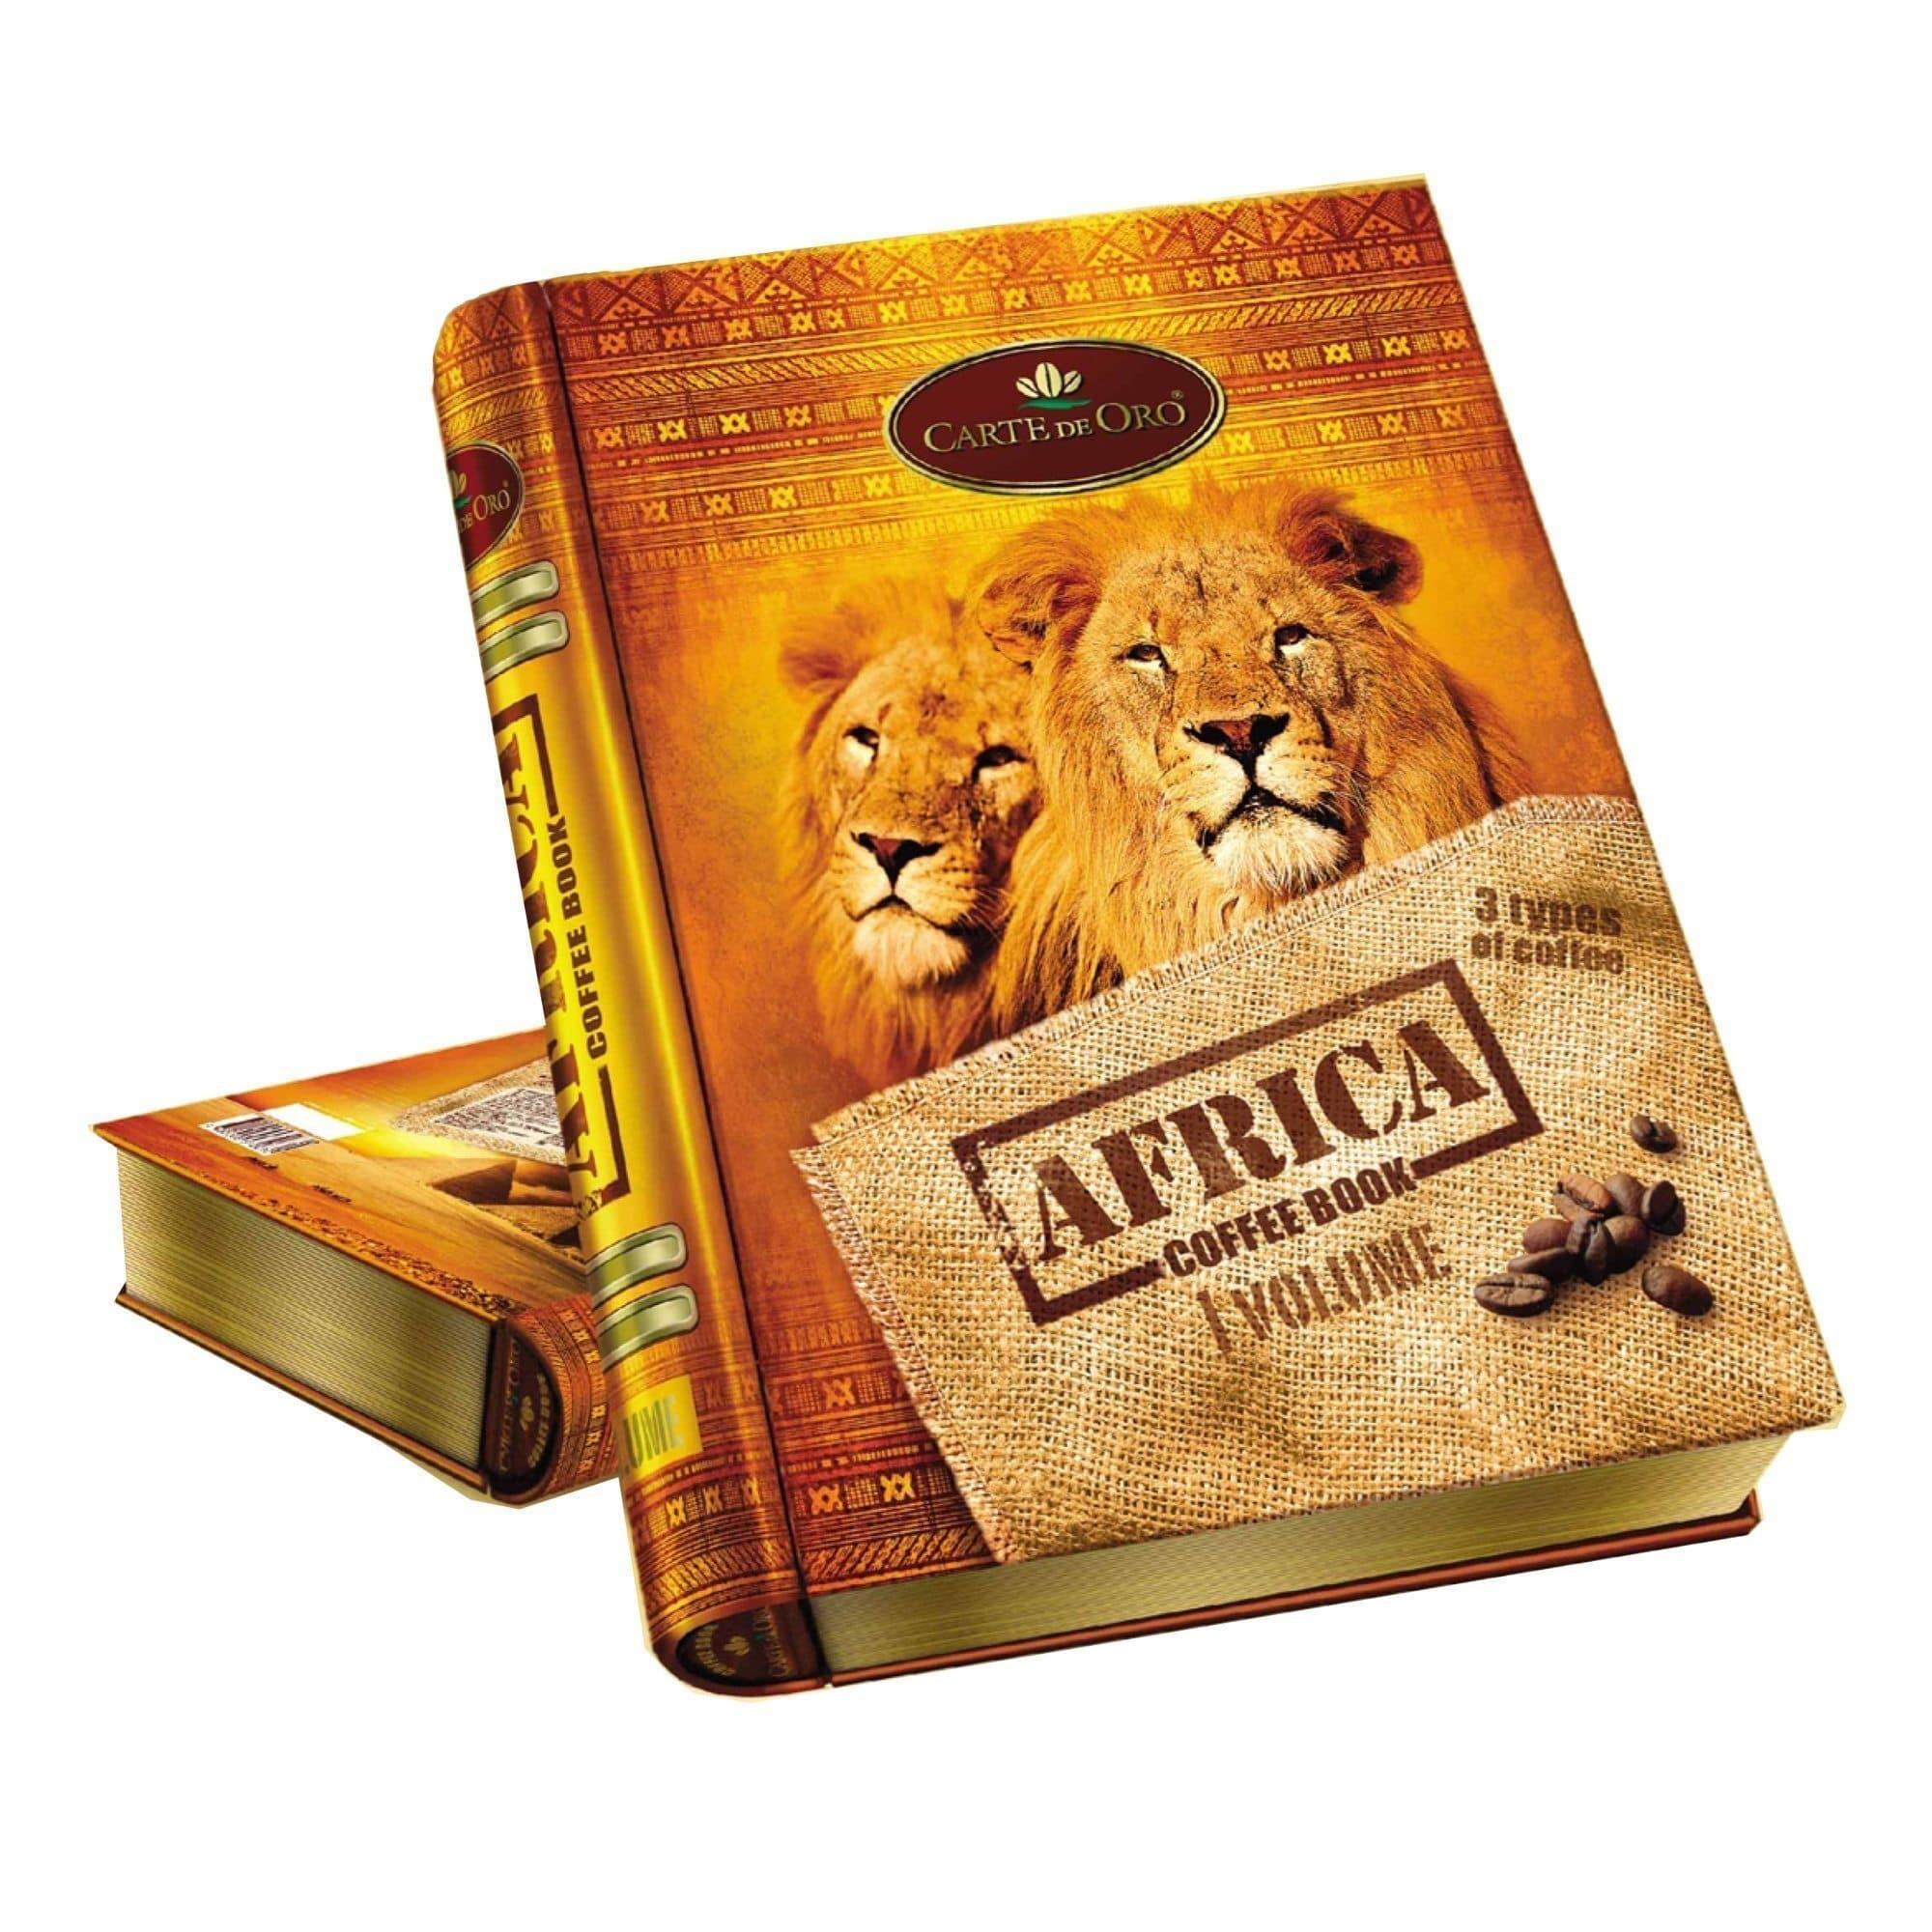 """набор натурального молотого кофе АфрикаЧай и кофе<br>Подарочный набор """"Африка"""" от Carte de Oro. В оригинальной железной шкатулке в виде книги три вида натурального молотого кофе премиальных сортов: Уганда Bugisu АА (50 г.), Зимбабве АА (50 г.) и Танзания AA Amex (50 г.).<br>"""